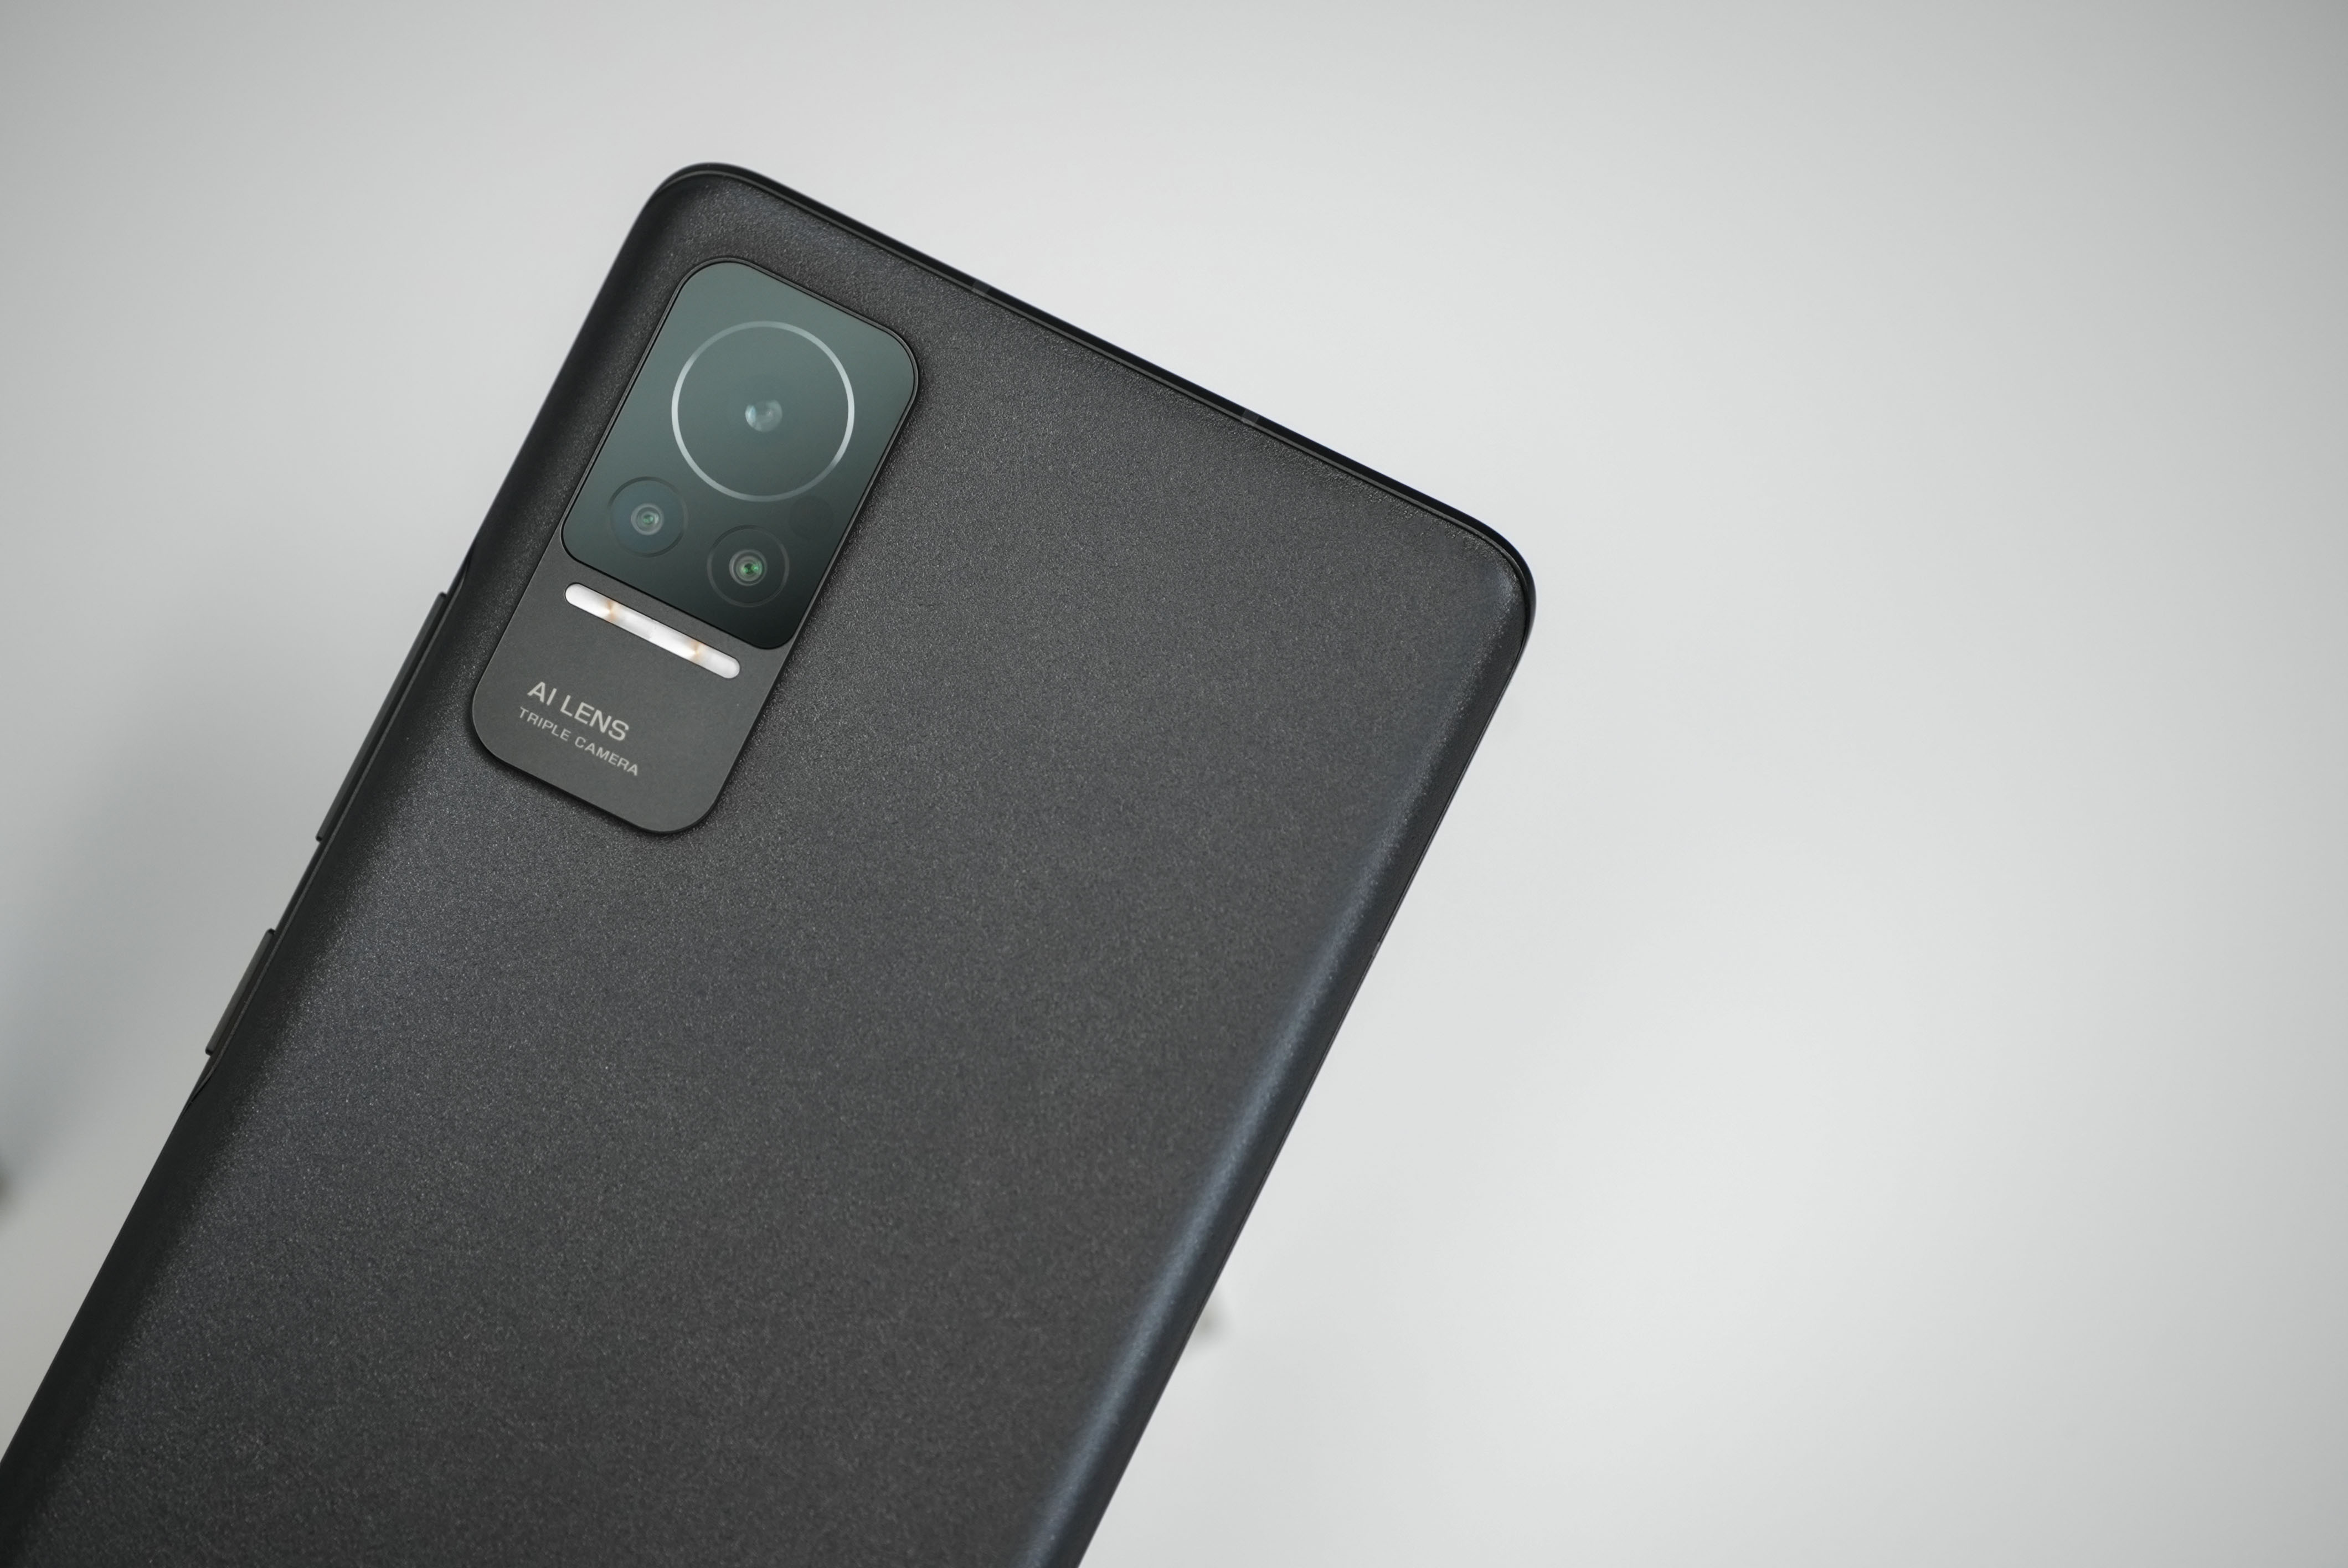 小米 Civi 搭载骁龙778G处理器,并且内置一块4500mAh容量的电池,支持55W疾速秒冲,官方数据显示45分钟即可为手机充入100%电量。